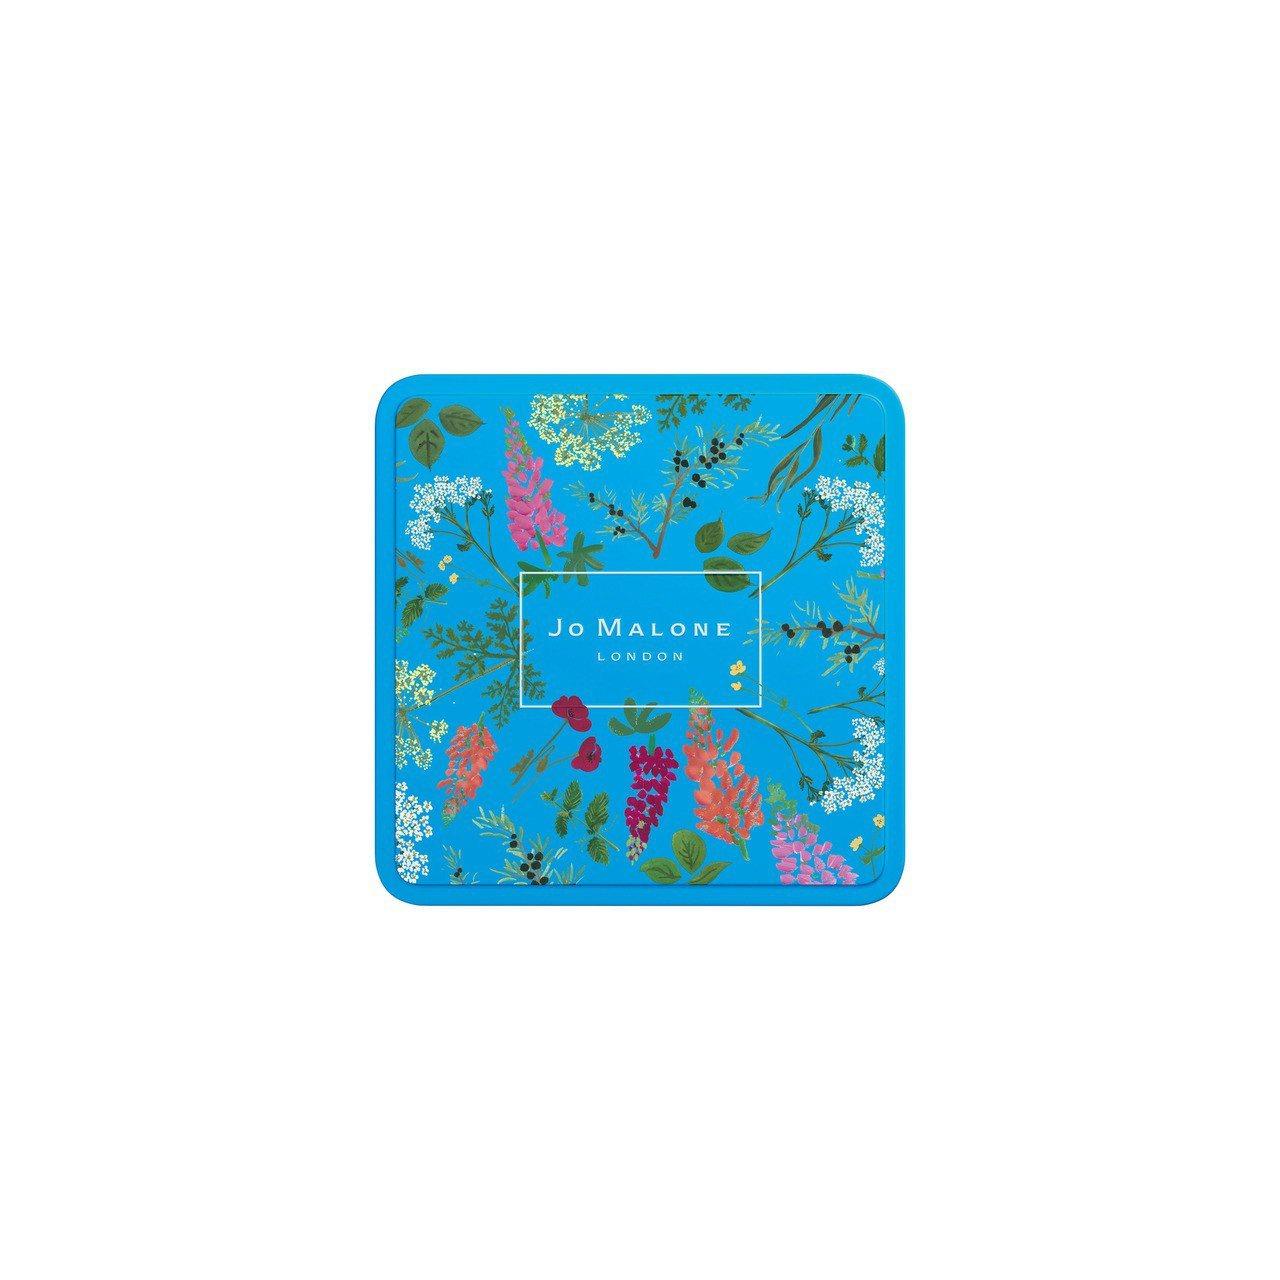 Jo Malone英倫河岸限量系列收藏盒2入裝,共3色。圖/Jo Malone提...